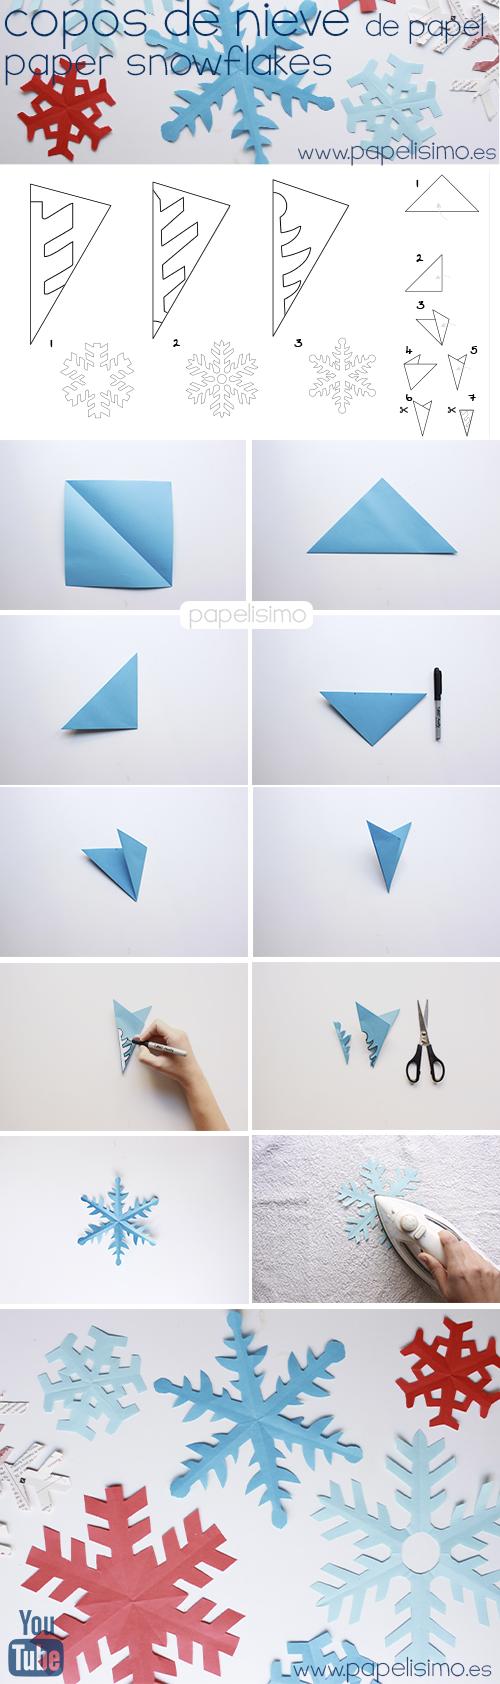 como hacer copos de nieve de papel paper snowflakes